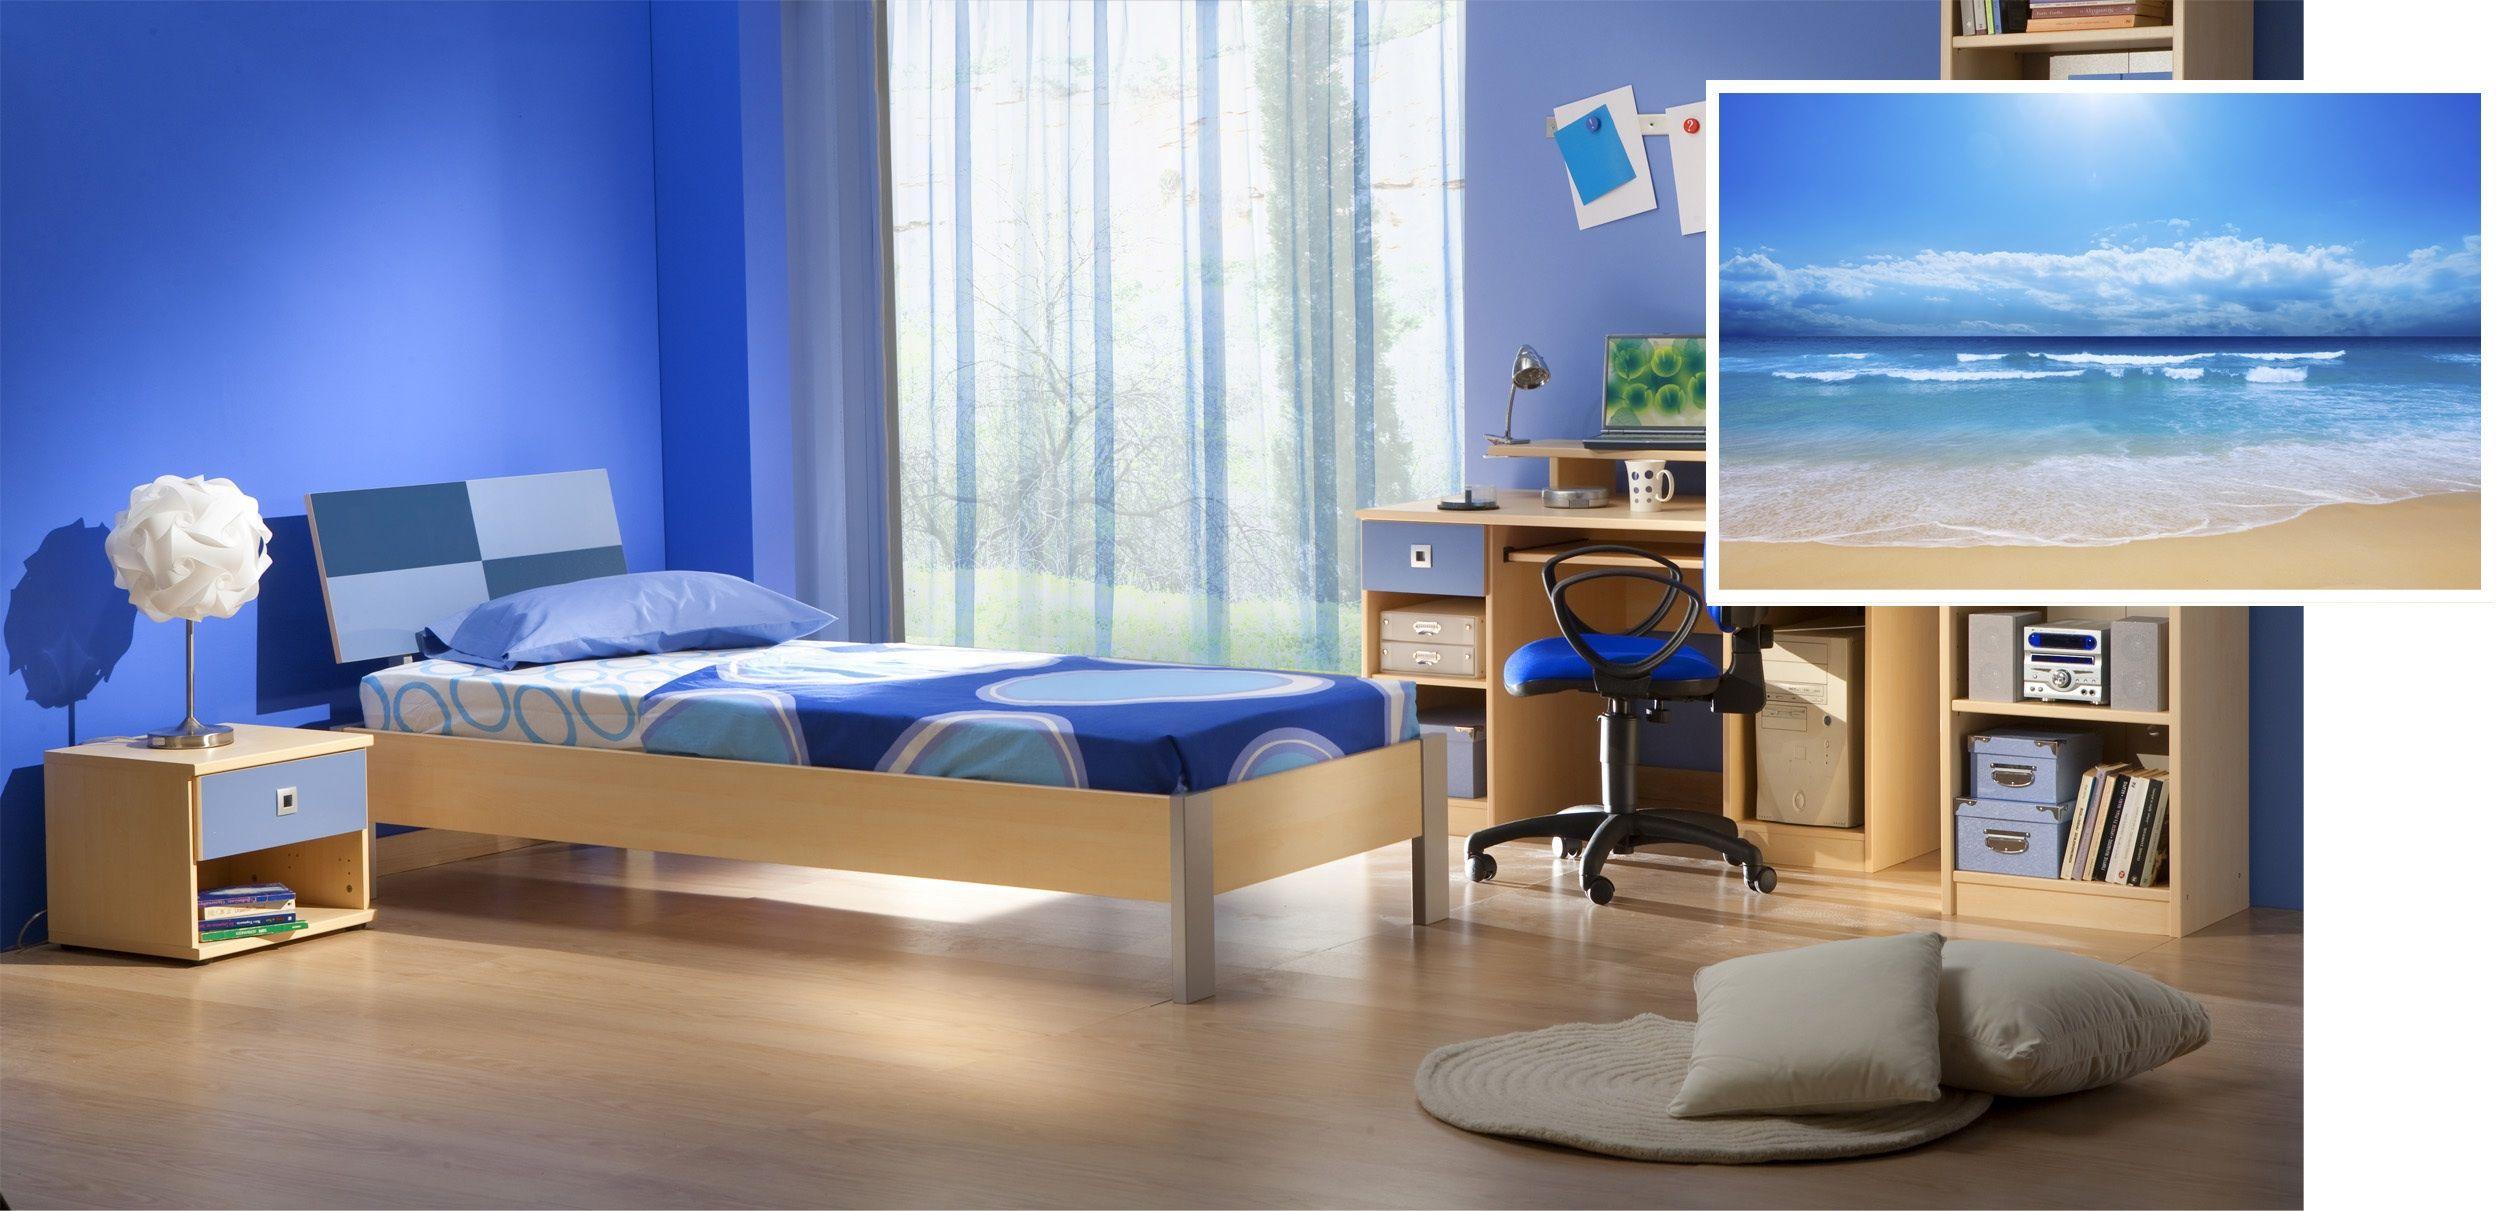 Möbel Farbkombination - Schlafzimmer | Schlafzimmer | Pinterest ...